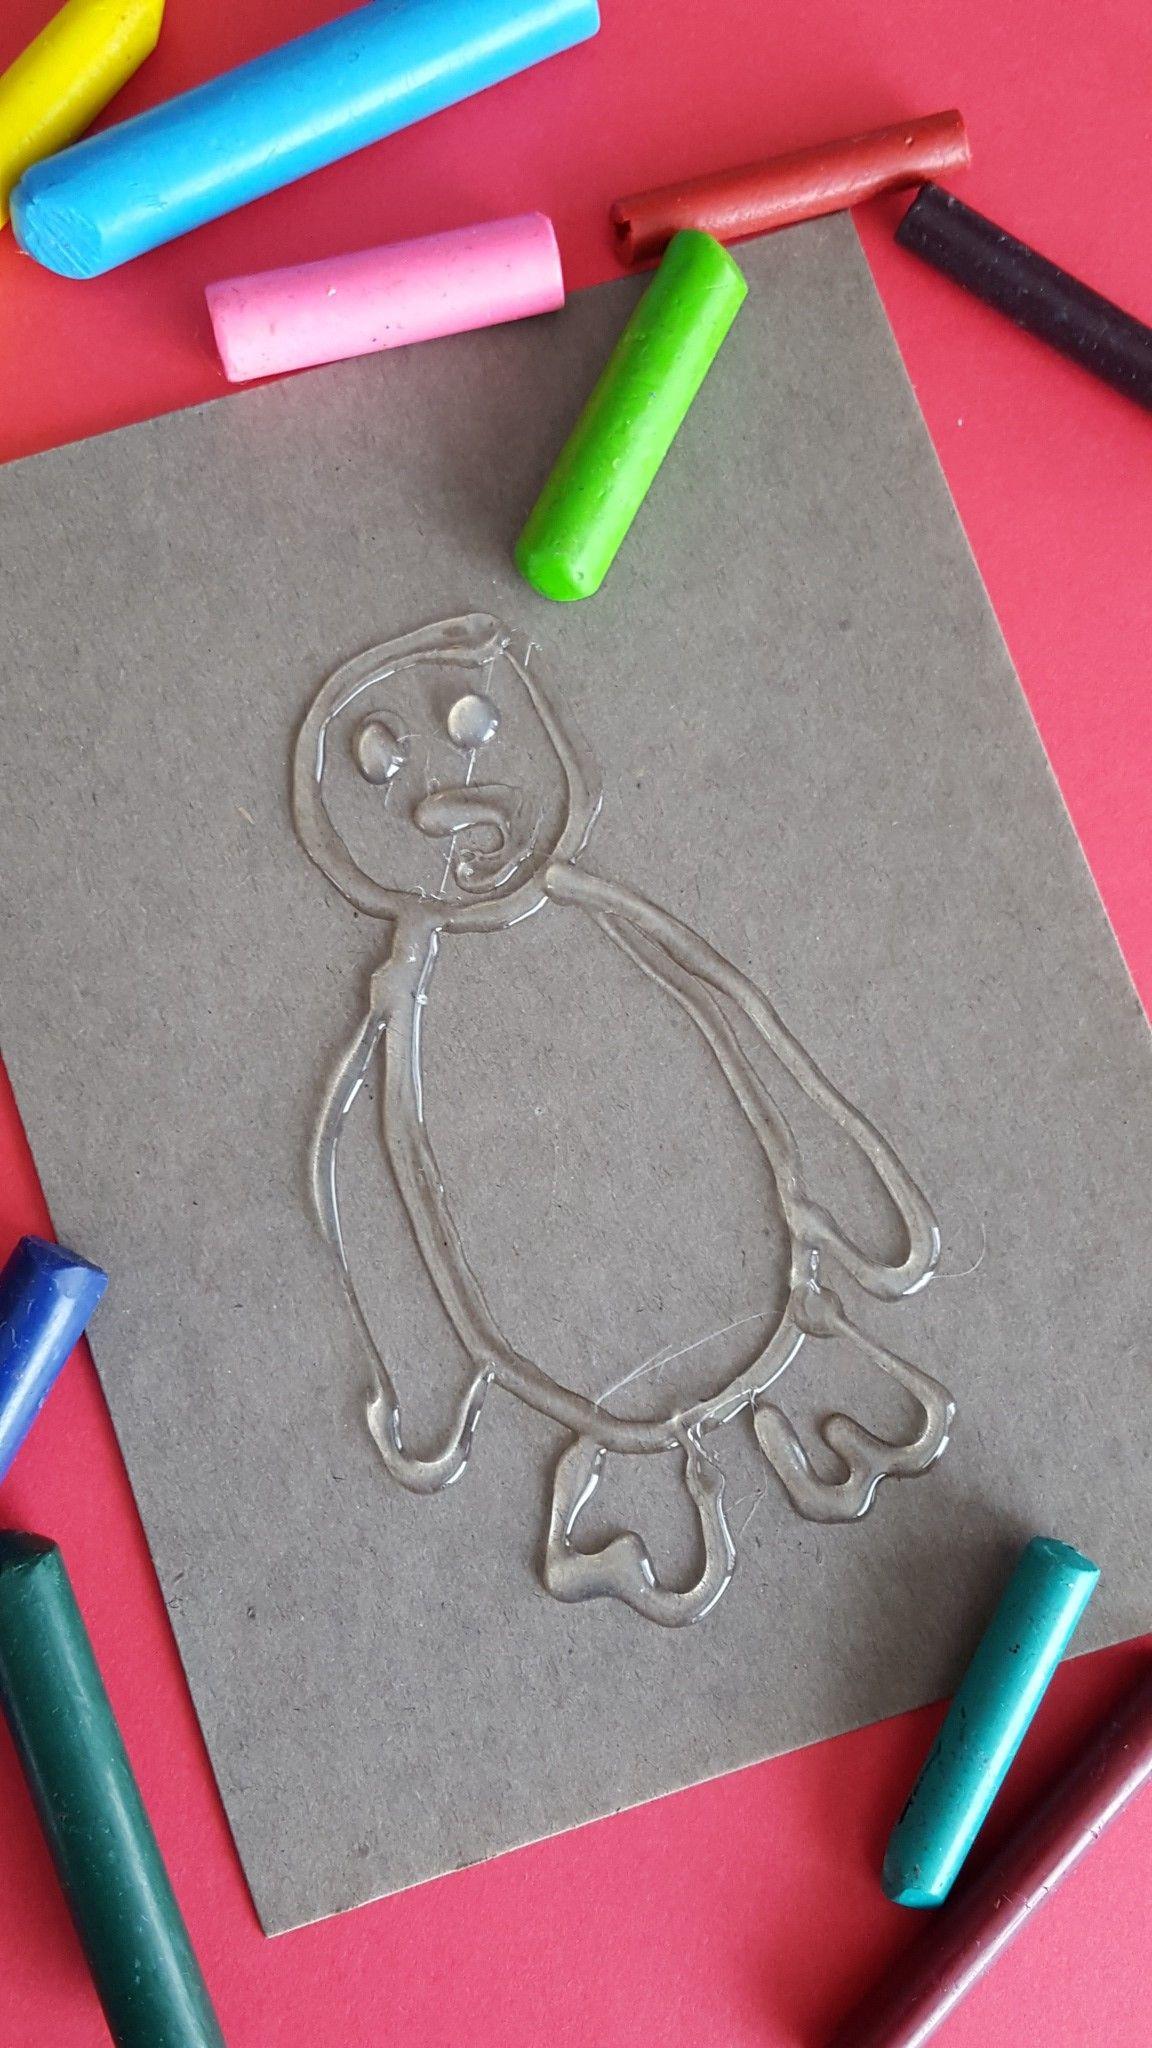 Making christmas ornaments with crayons - Diy Crayon Rubbings